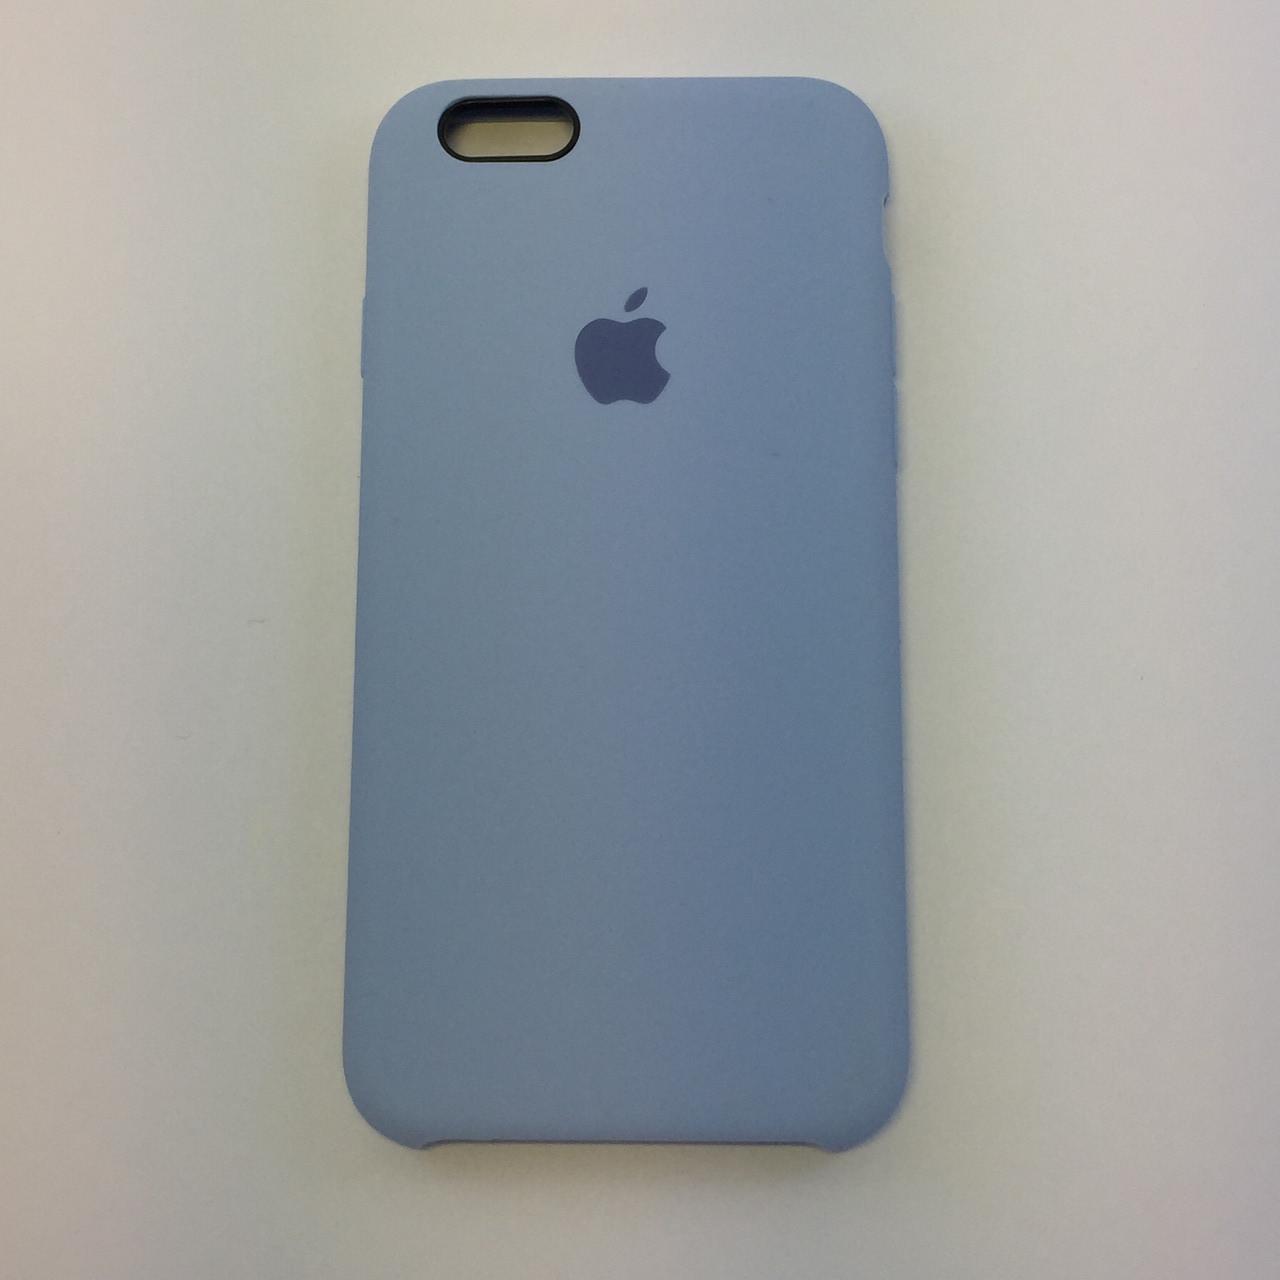 Силиконовый чехол для iPhone 5/5s/SE, - «кремово лиловый» - copy original